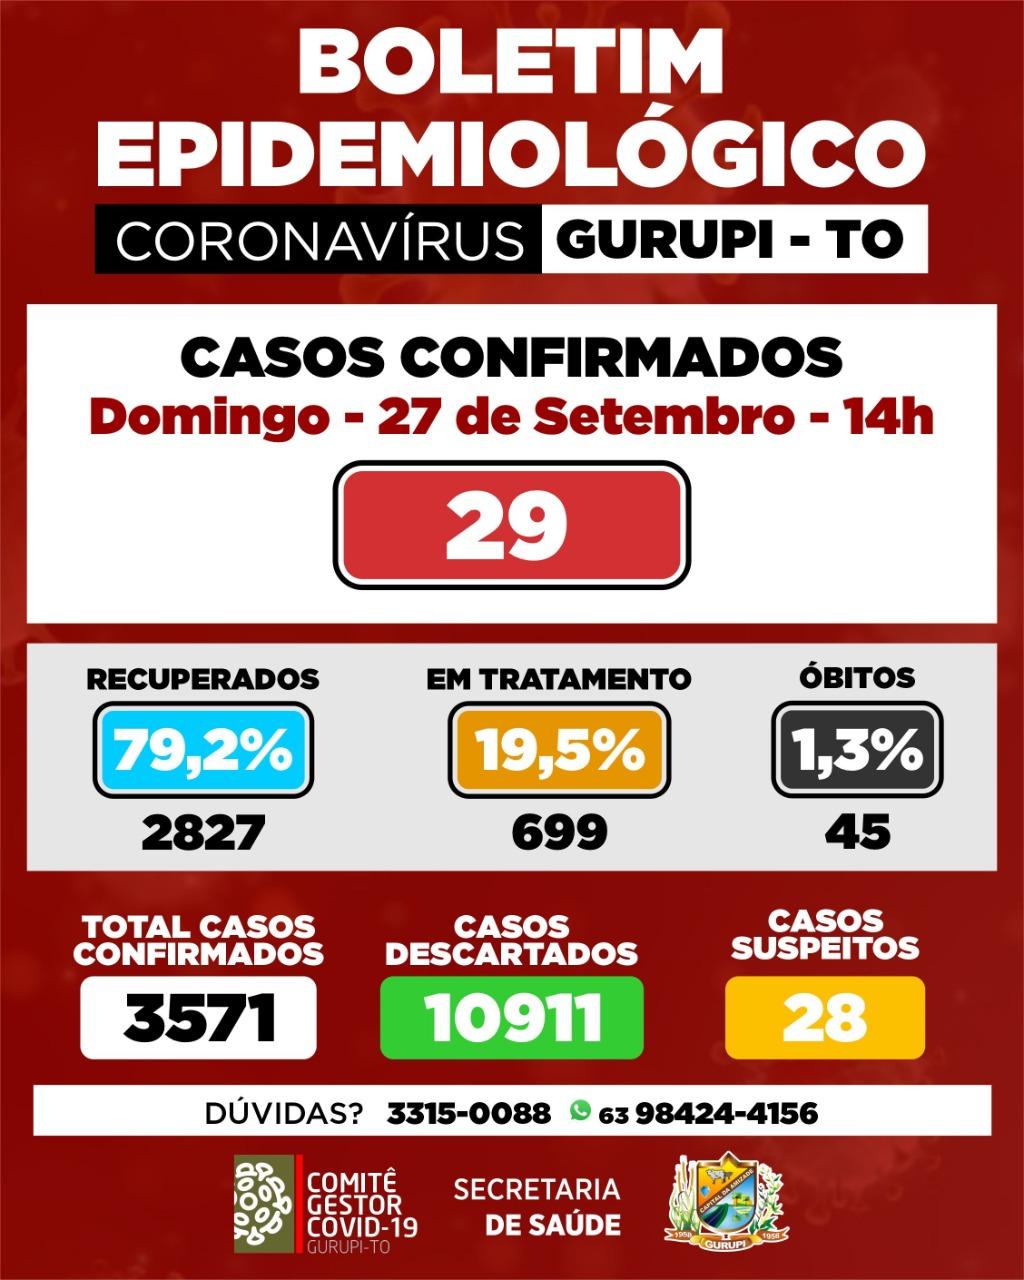 Boletim epidemiológico de Gurupi registra 29 novos casos de coronavírus